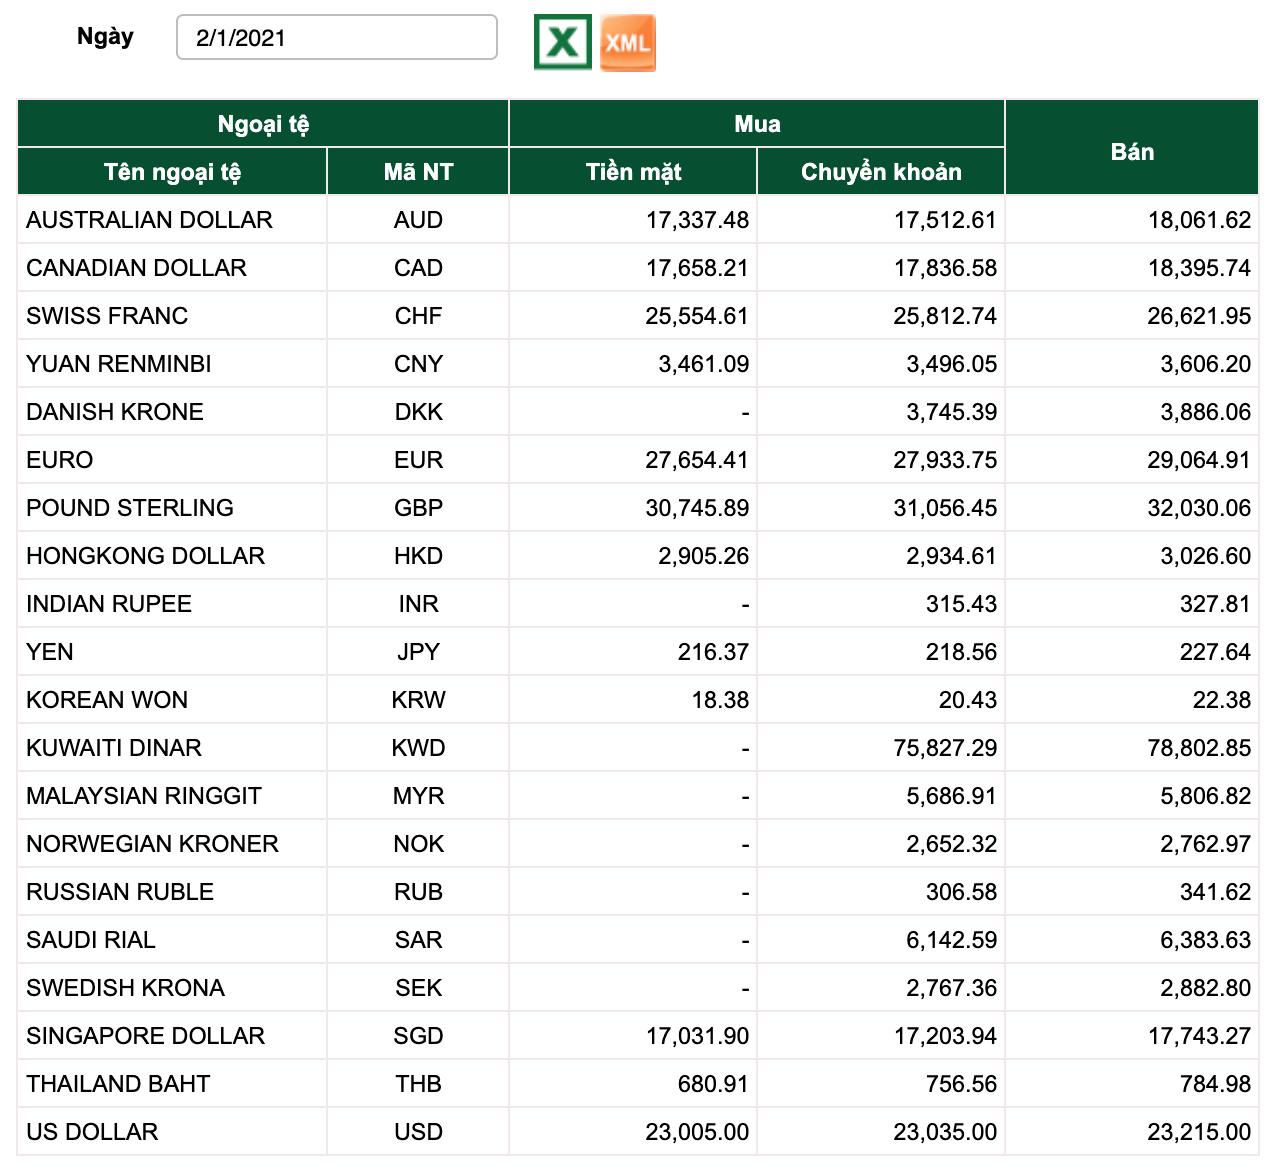 Tỷ giá Vietcombank hôm nay 2/1: Biểu đồ đi ngang